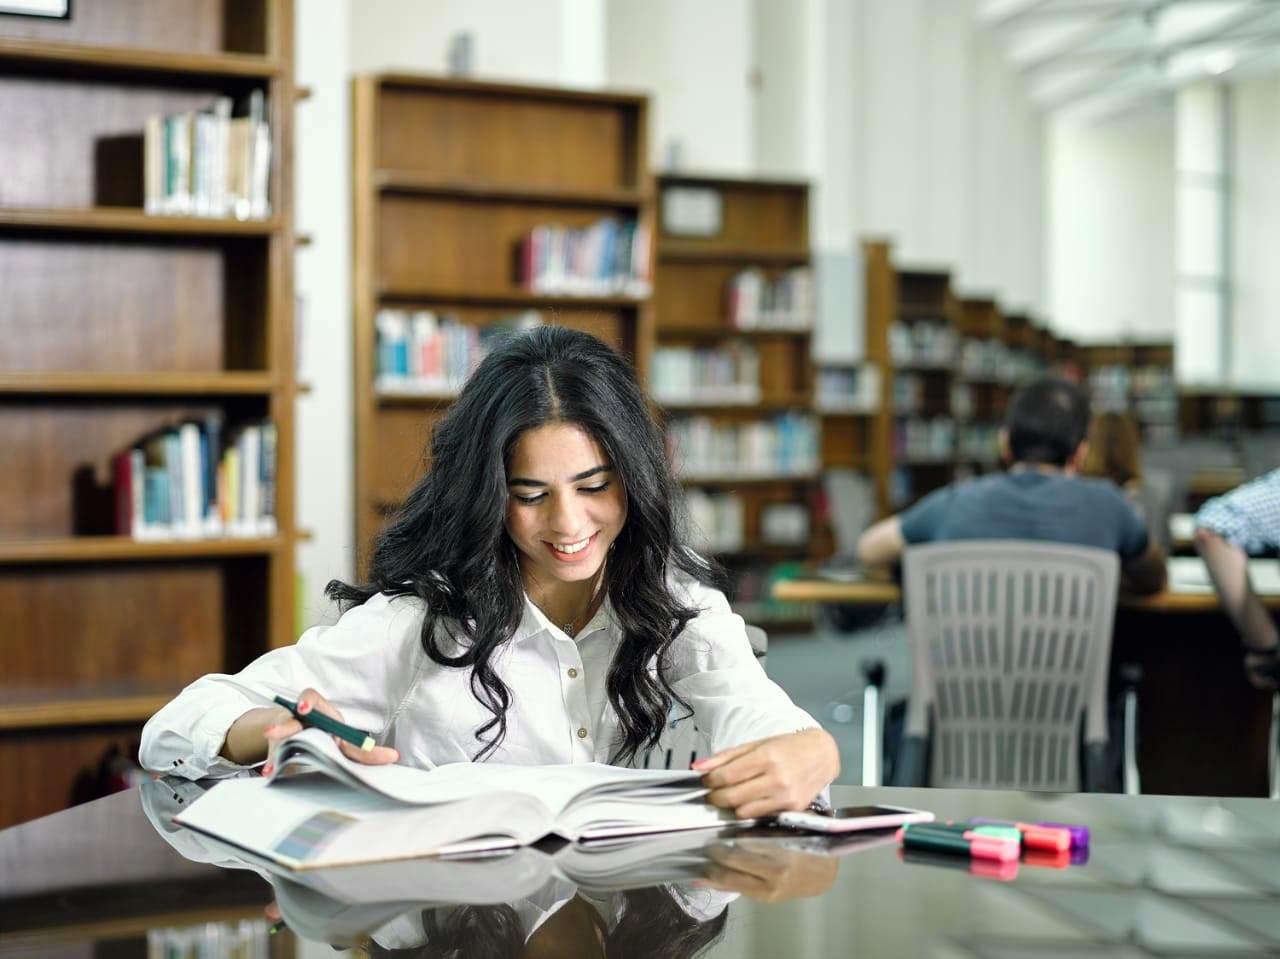 خالد الطوخى ومكتبة جامعة مصر للعلوم  (3)